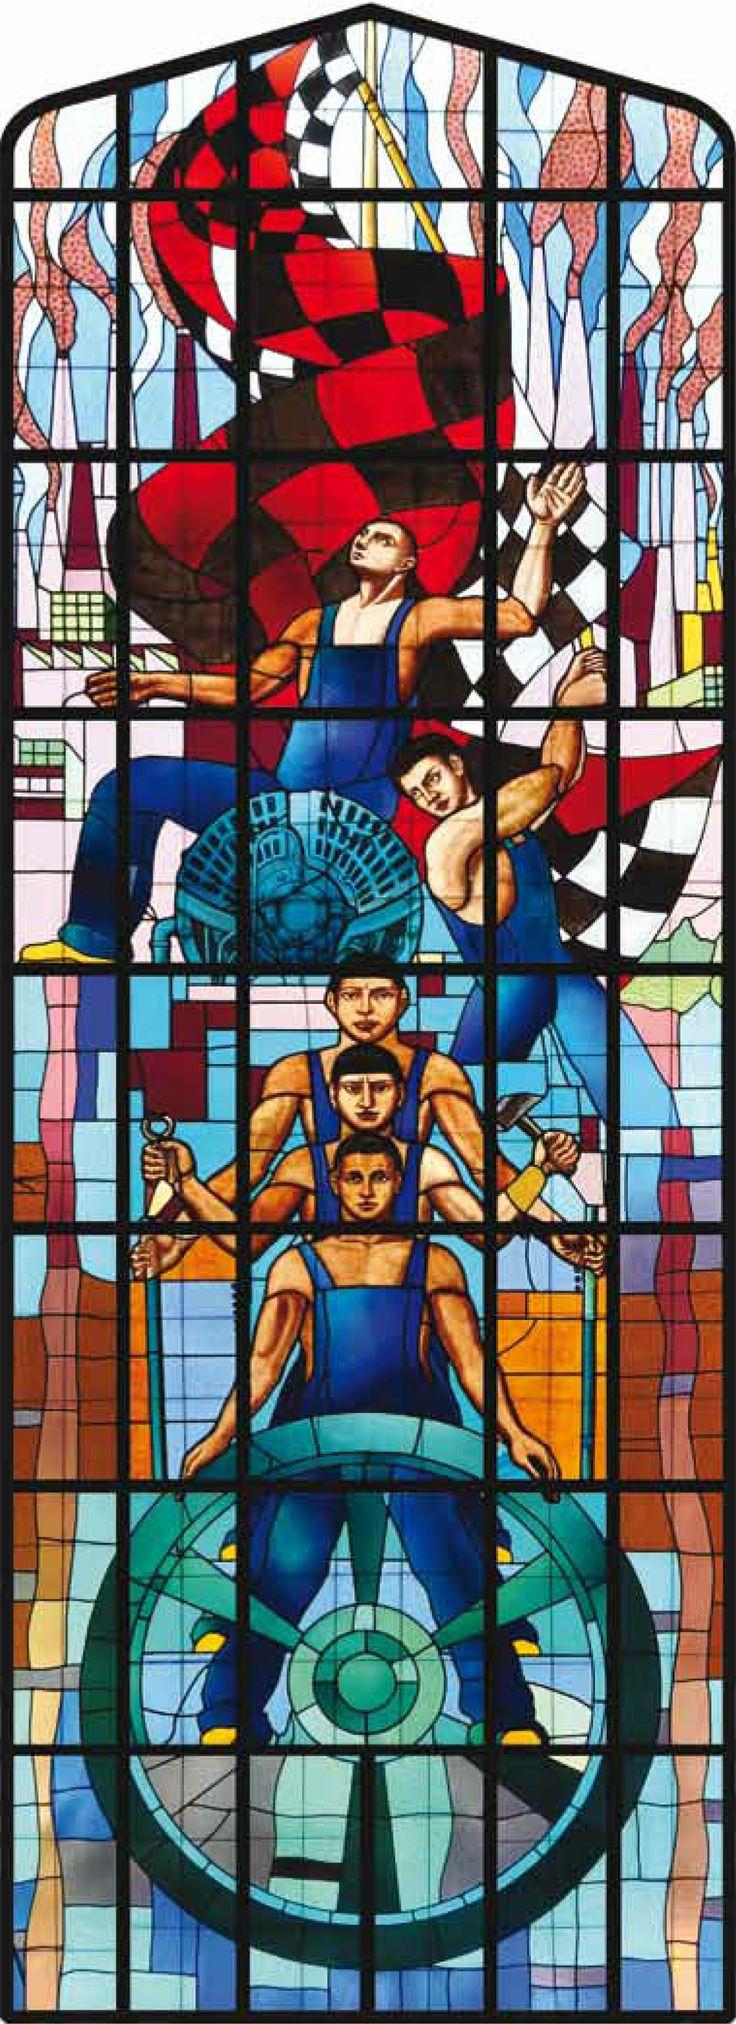 """La Industria, vitral. Autor: Roberto Montenegro. 1933-1934. Ubicación: Aula Magna """"Fray Servando Teresa de Mier"""", Colegio Civil Centro Cultural Universitario."""